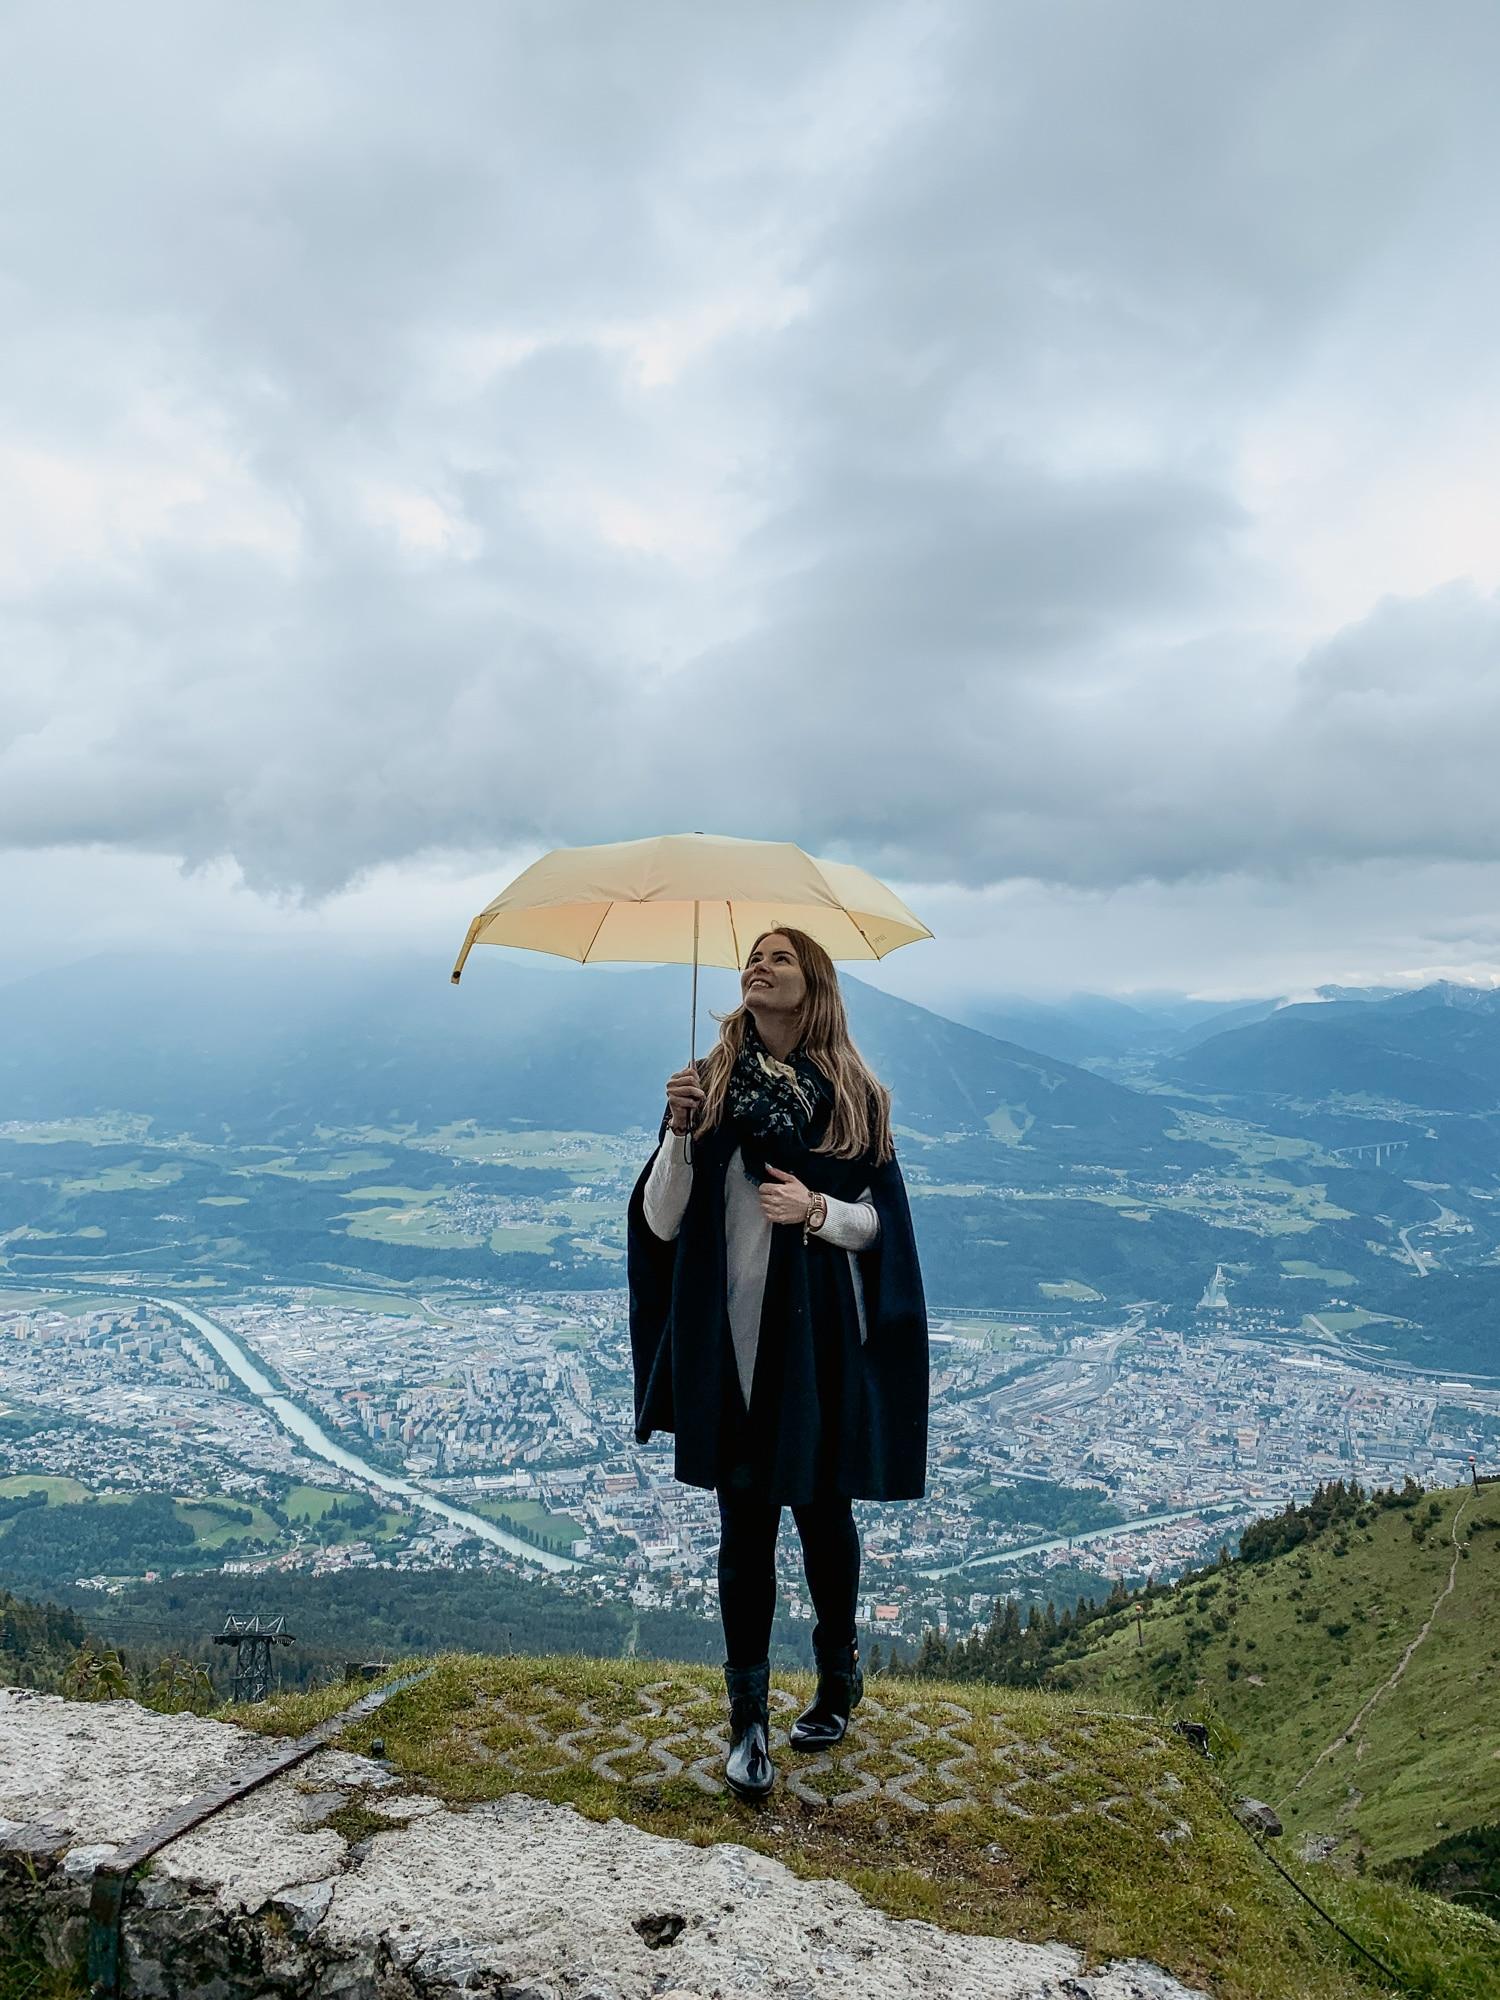 Innsbruck Sehenswürdigkeiten: Top Ten Highlights und Tipps für die Stadt - Aussicht Hafekelar